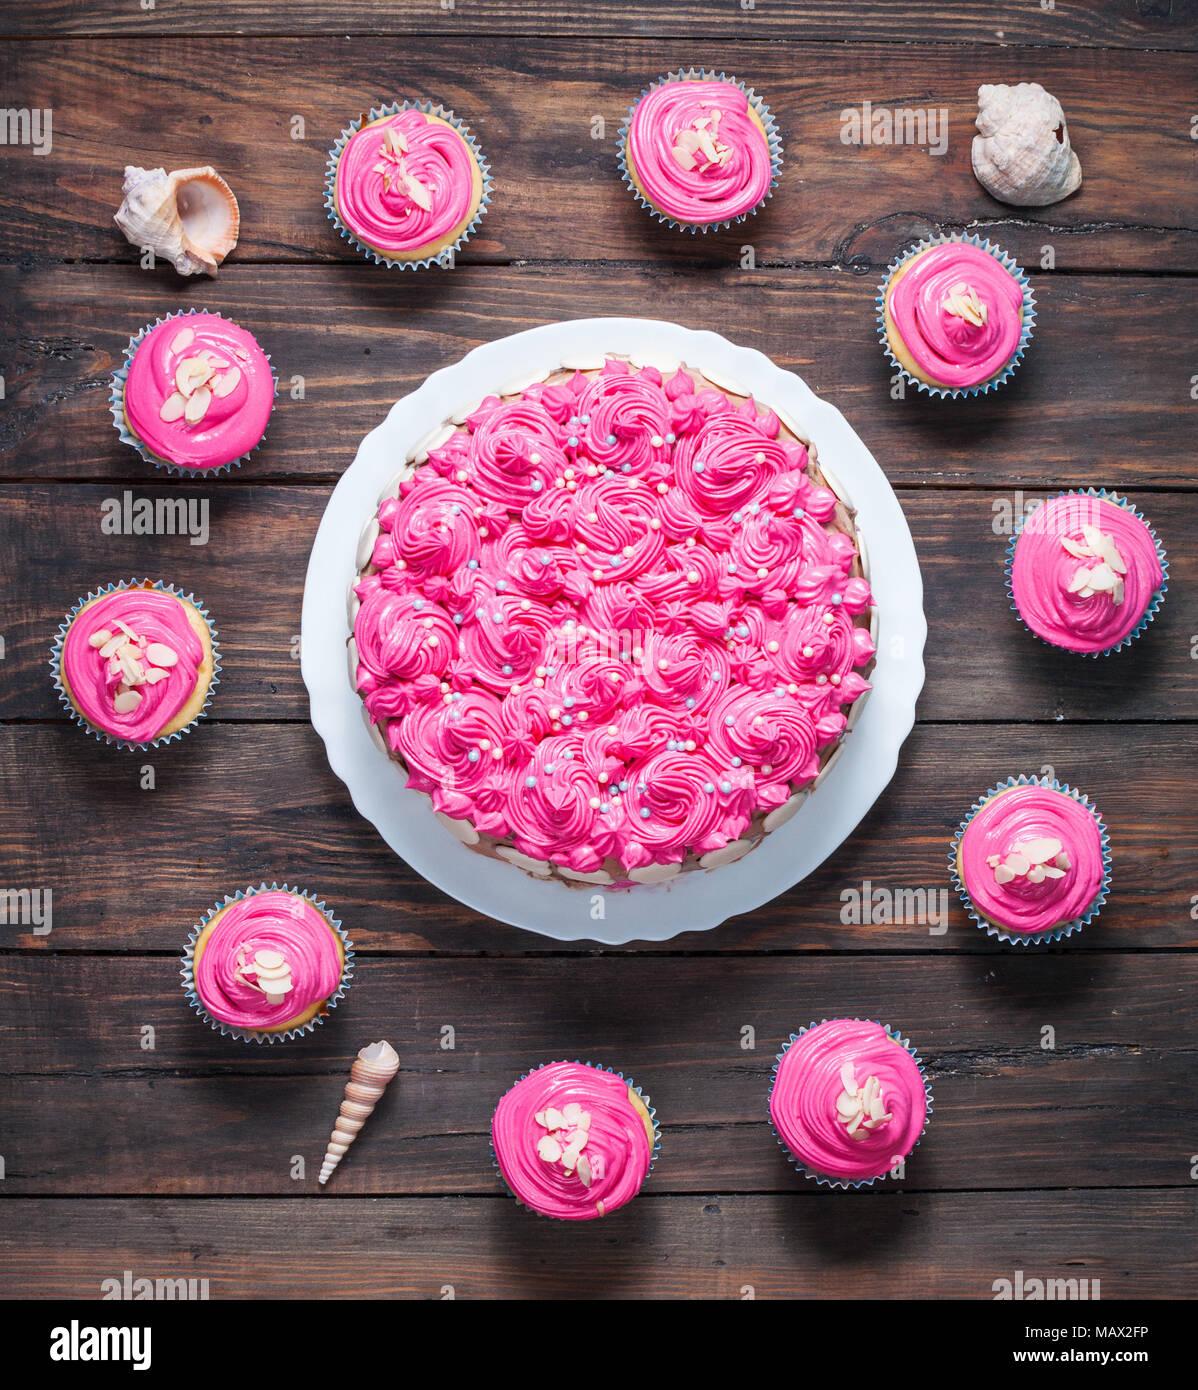 Kuchen Und Muffins Mit Rosa Creme Auf Rustikalem Holz Hintergrund. Rosa  Kuchen. Ansicht Von Oben